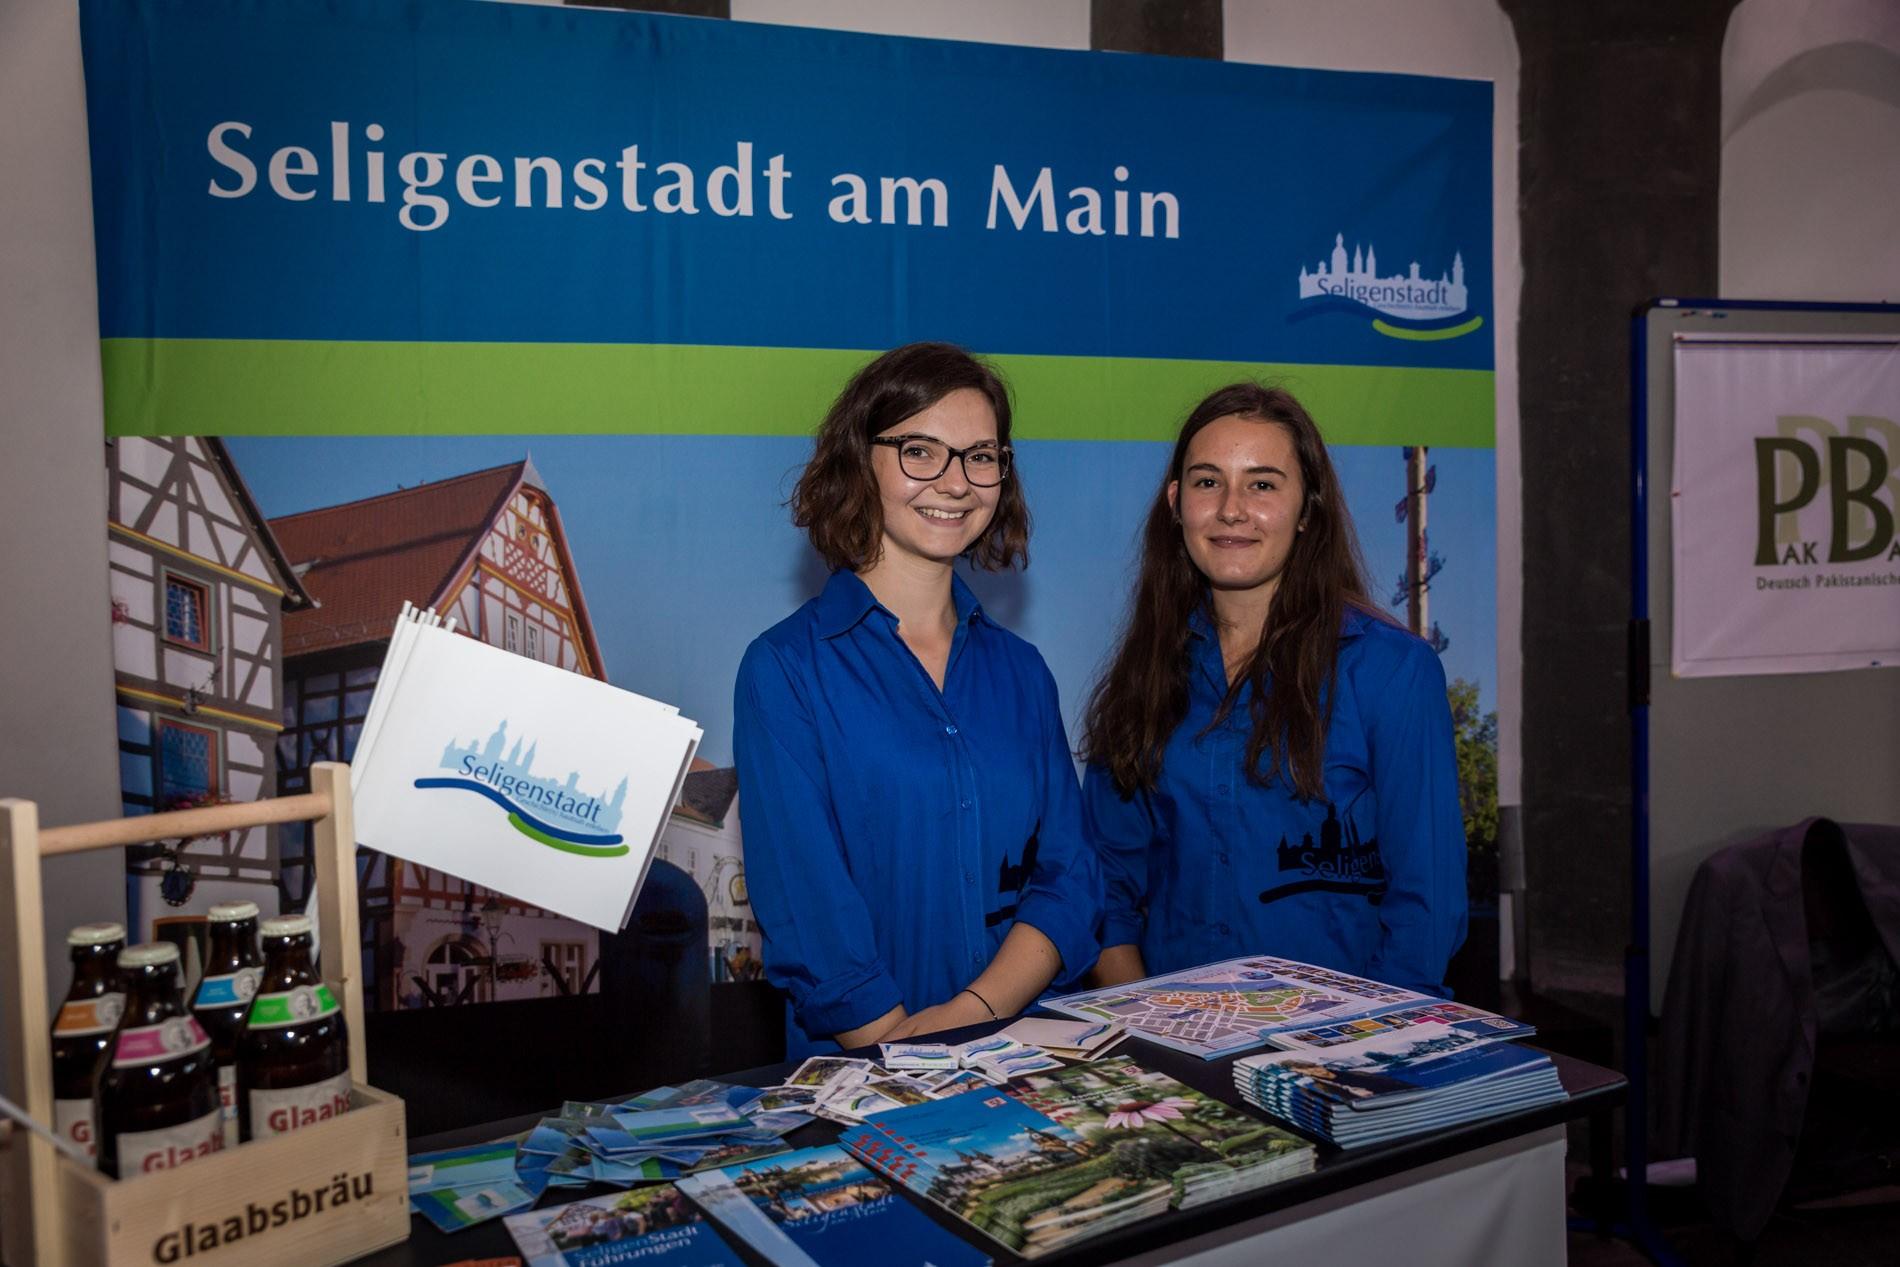 Seligenstadt-Stand auf dem Newcomer Festival 2017 in Frankfurt am Main